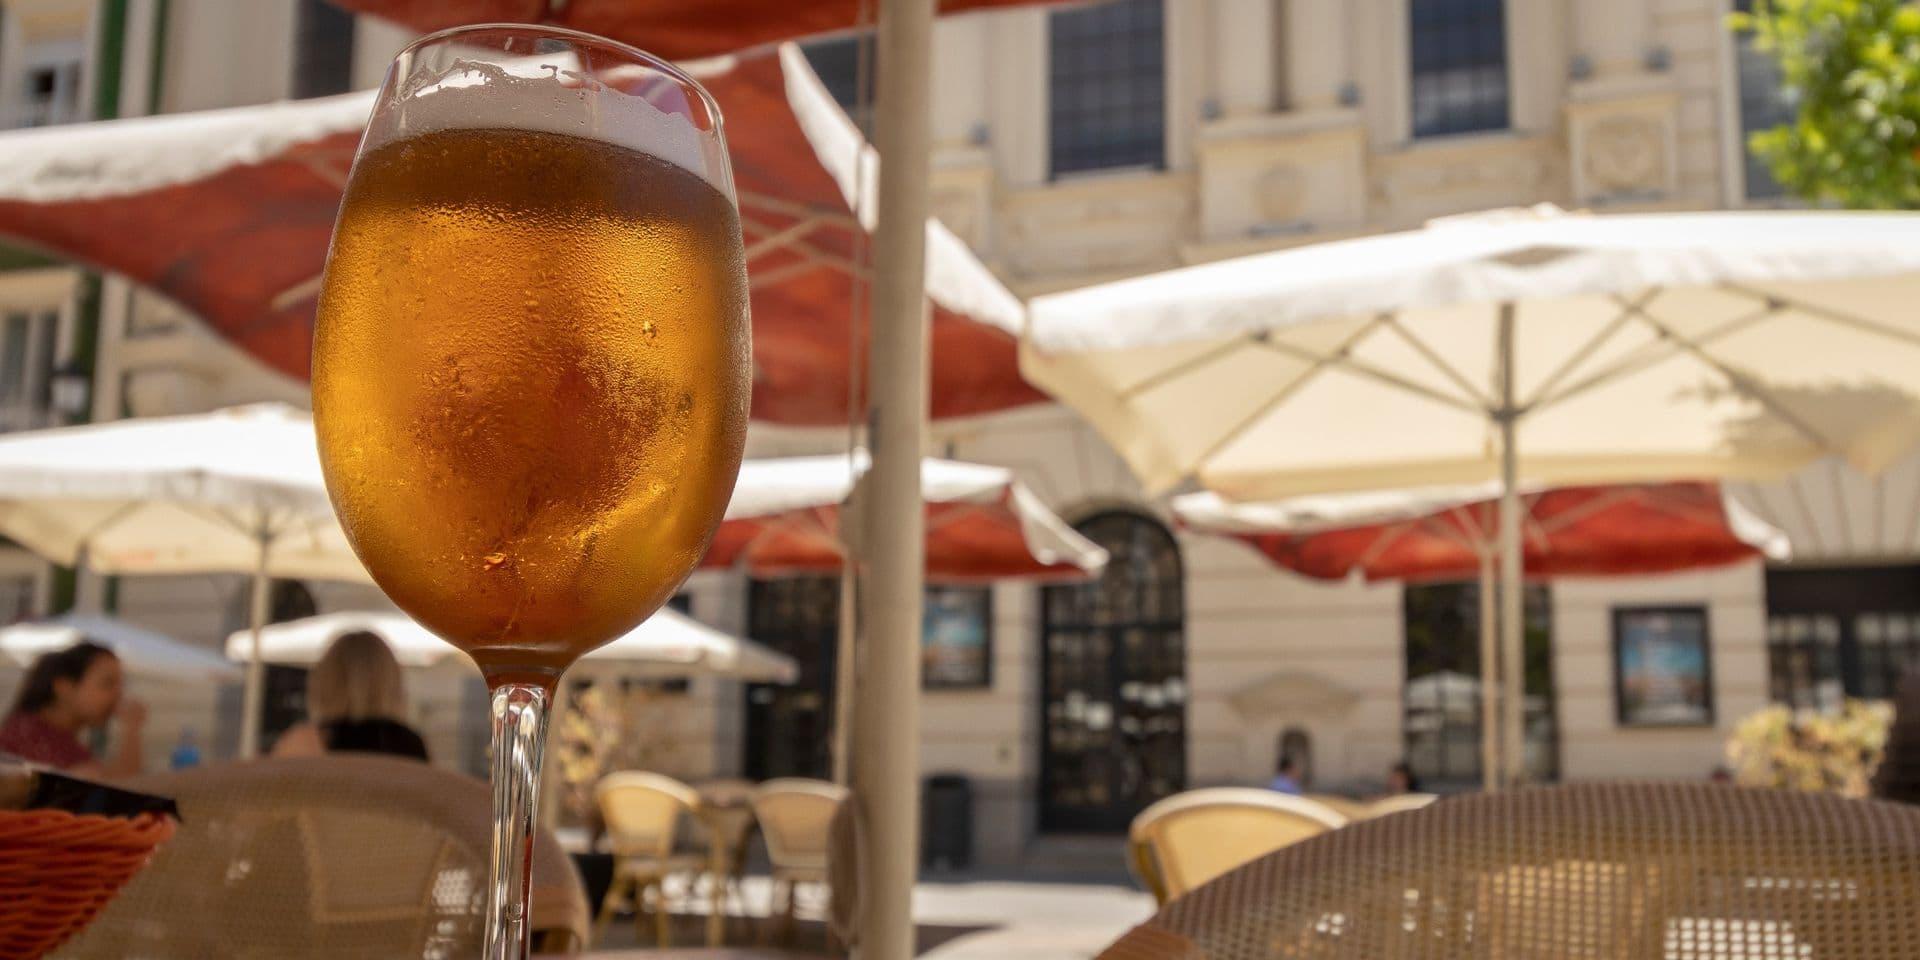 Le prix des boissons pourrait grimper à la réouverture des terrasses, le 8 mai